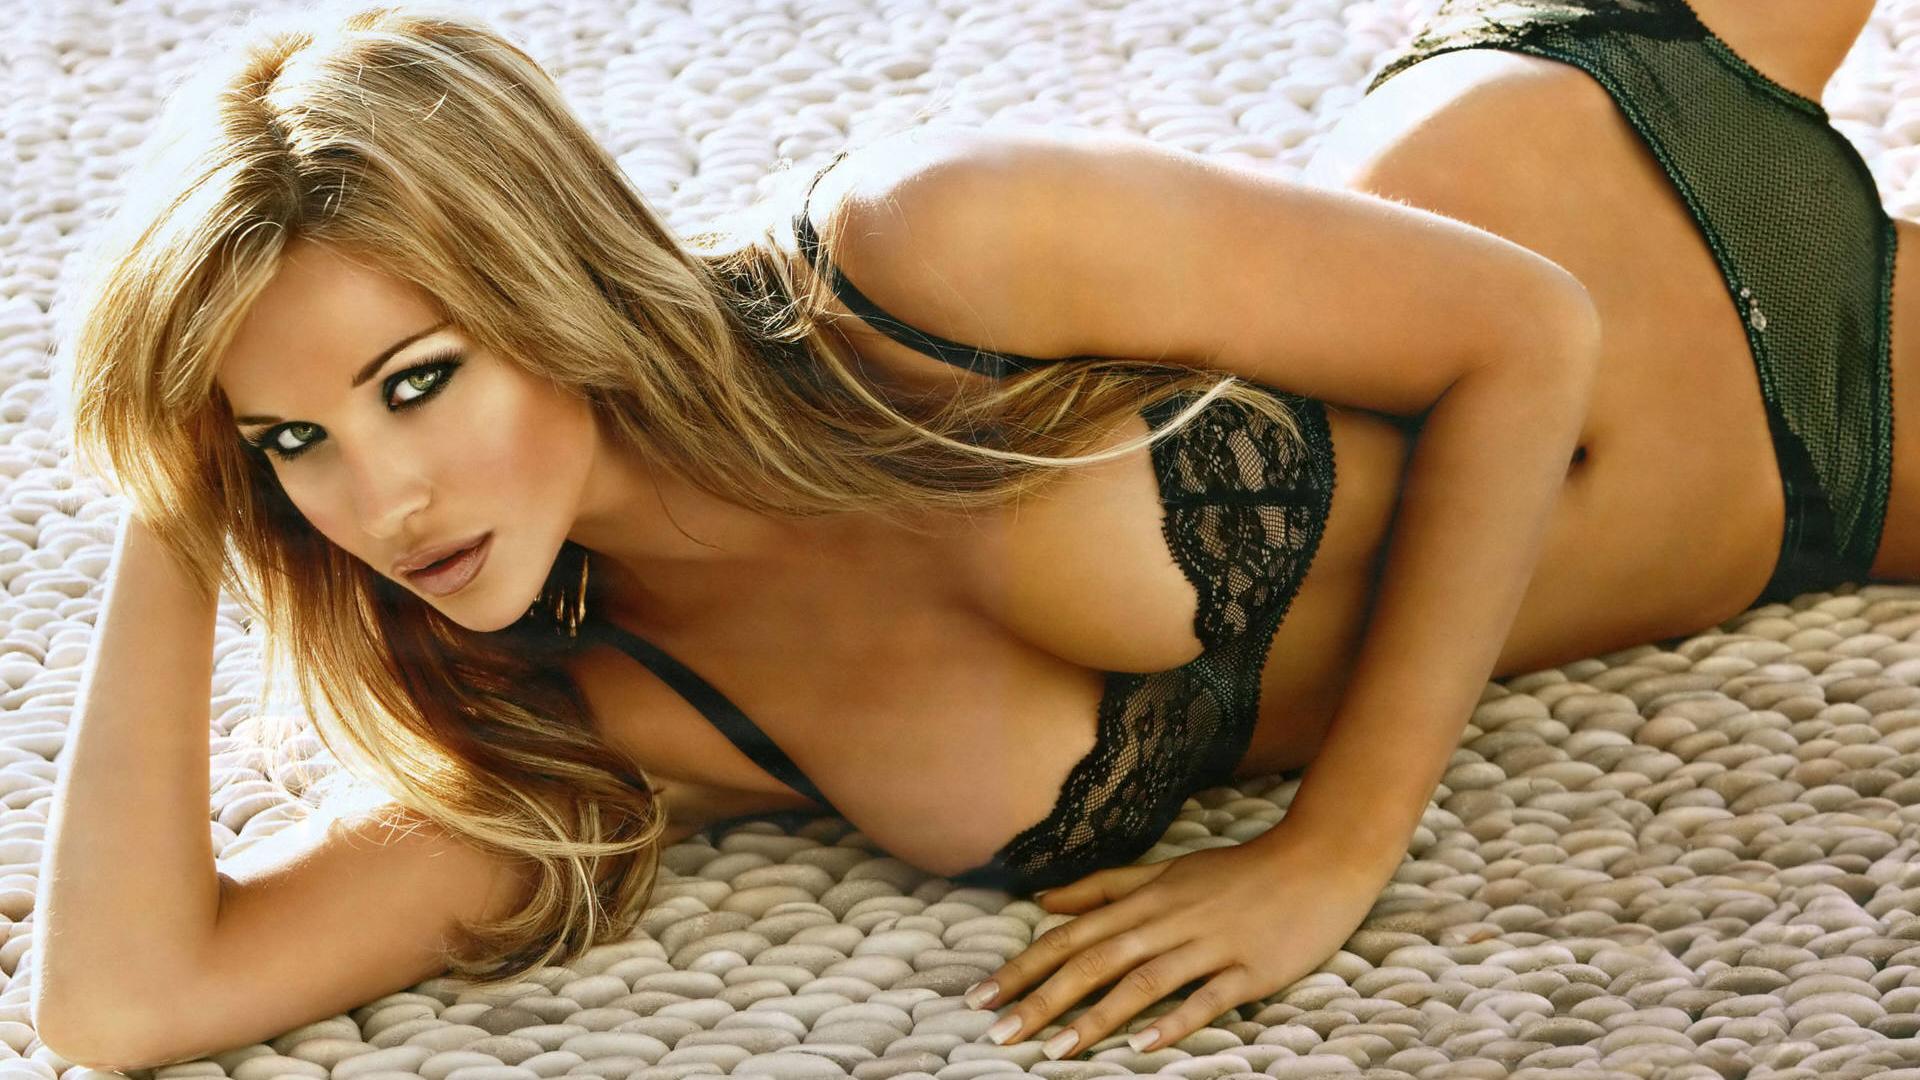 Фото самых красивых девушек интернета не порно